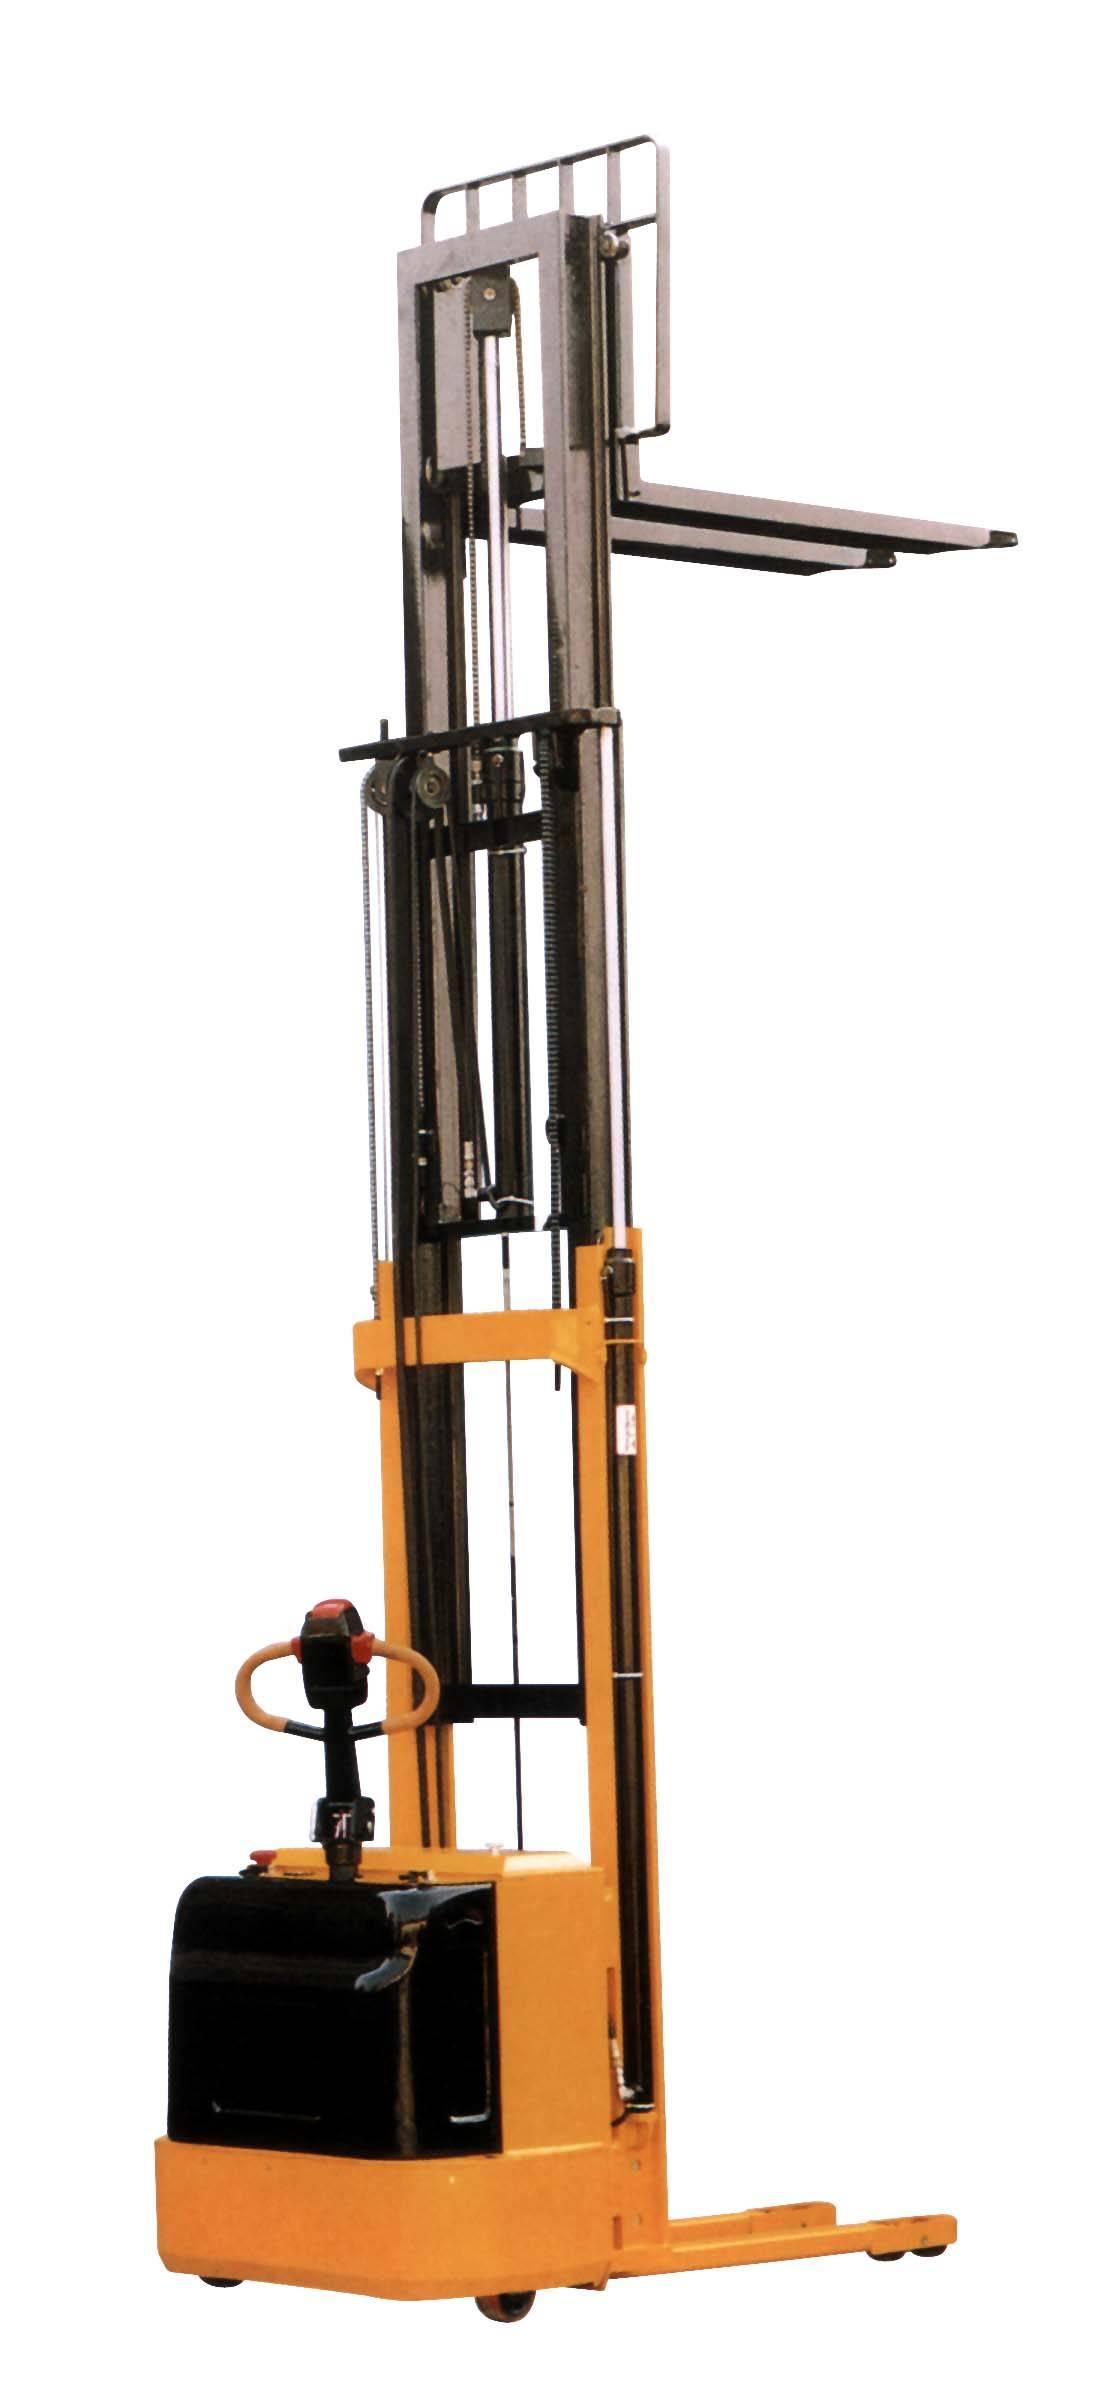 EL1516- Electric Stacker